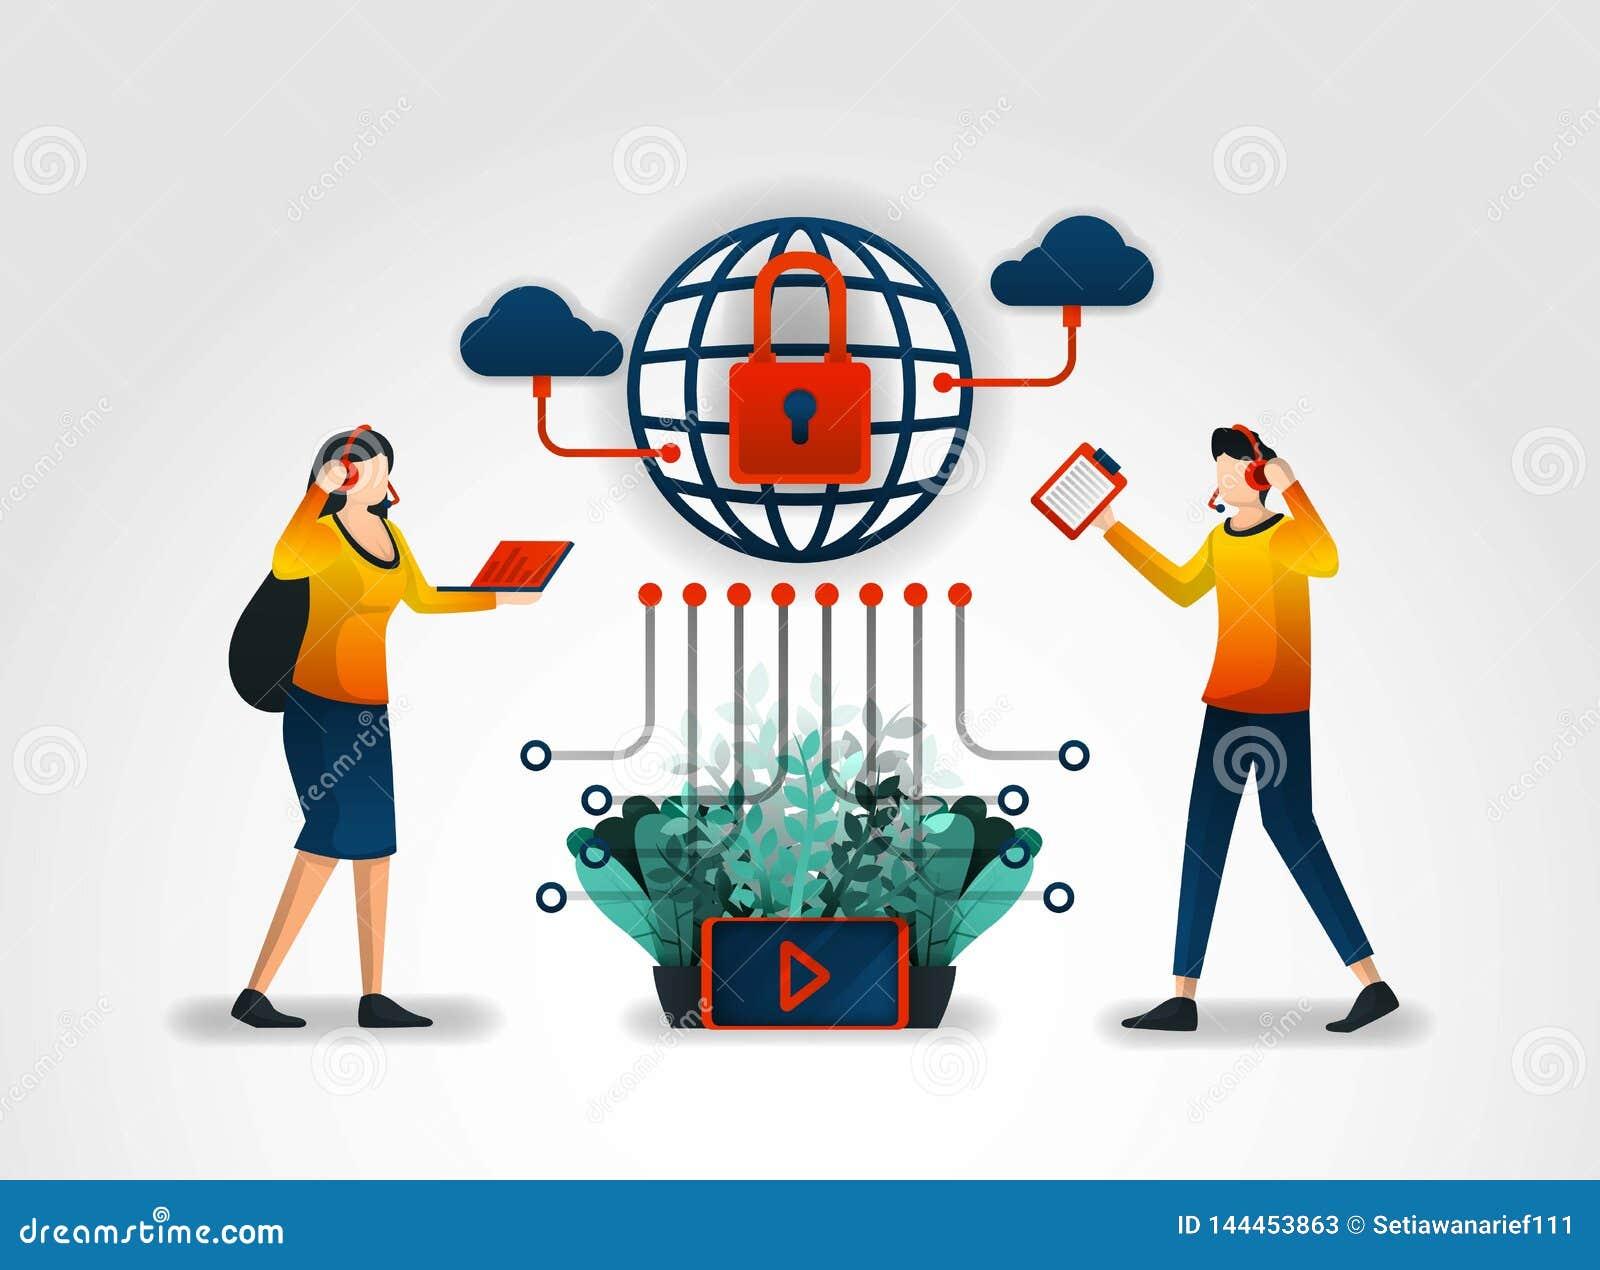 平的字符 互联网服务供应商提供用户以客服和保障系统 协助由证券业